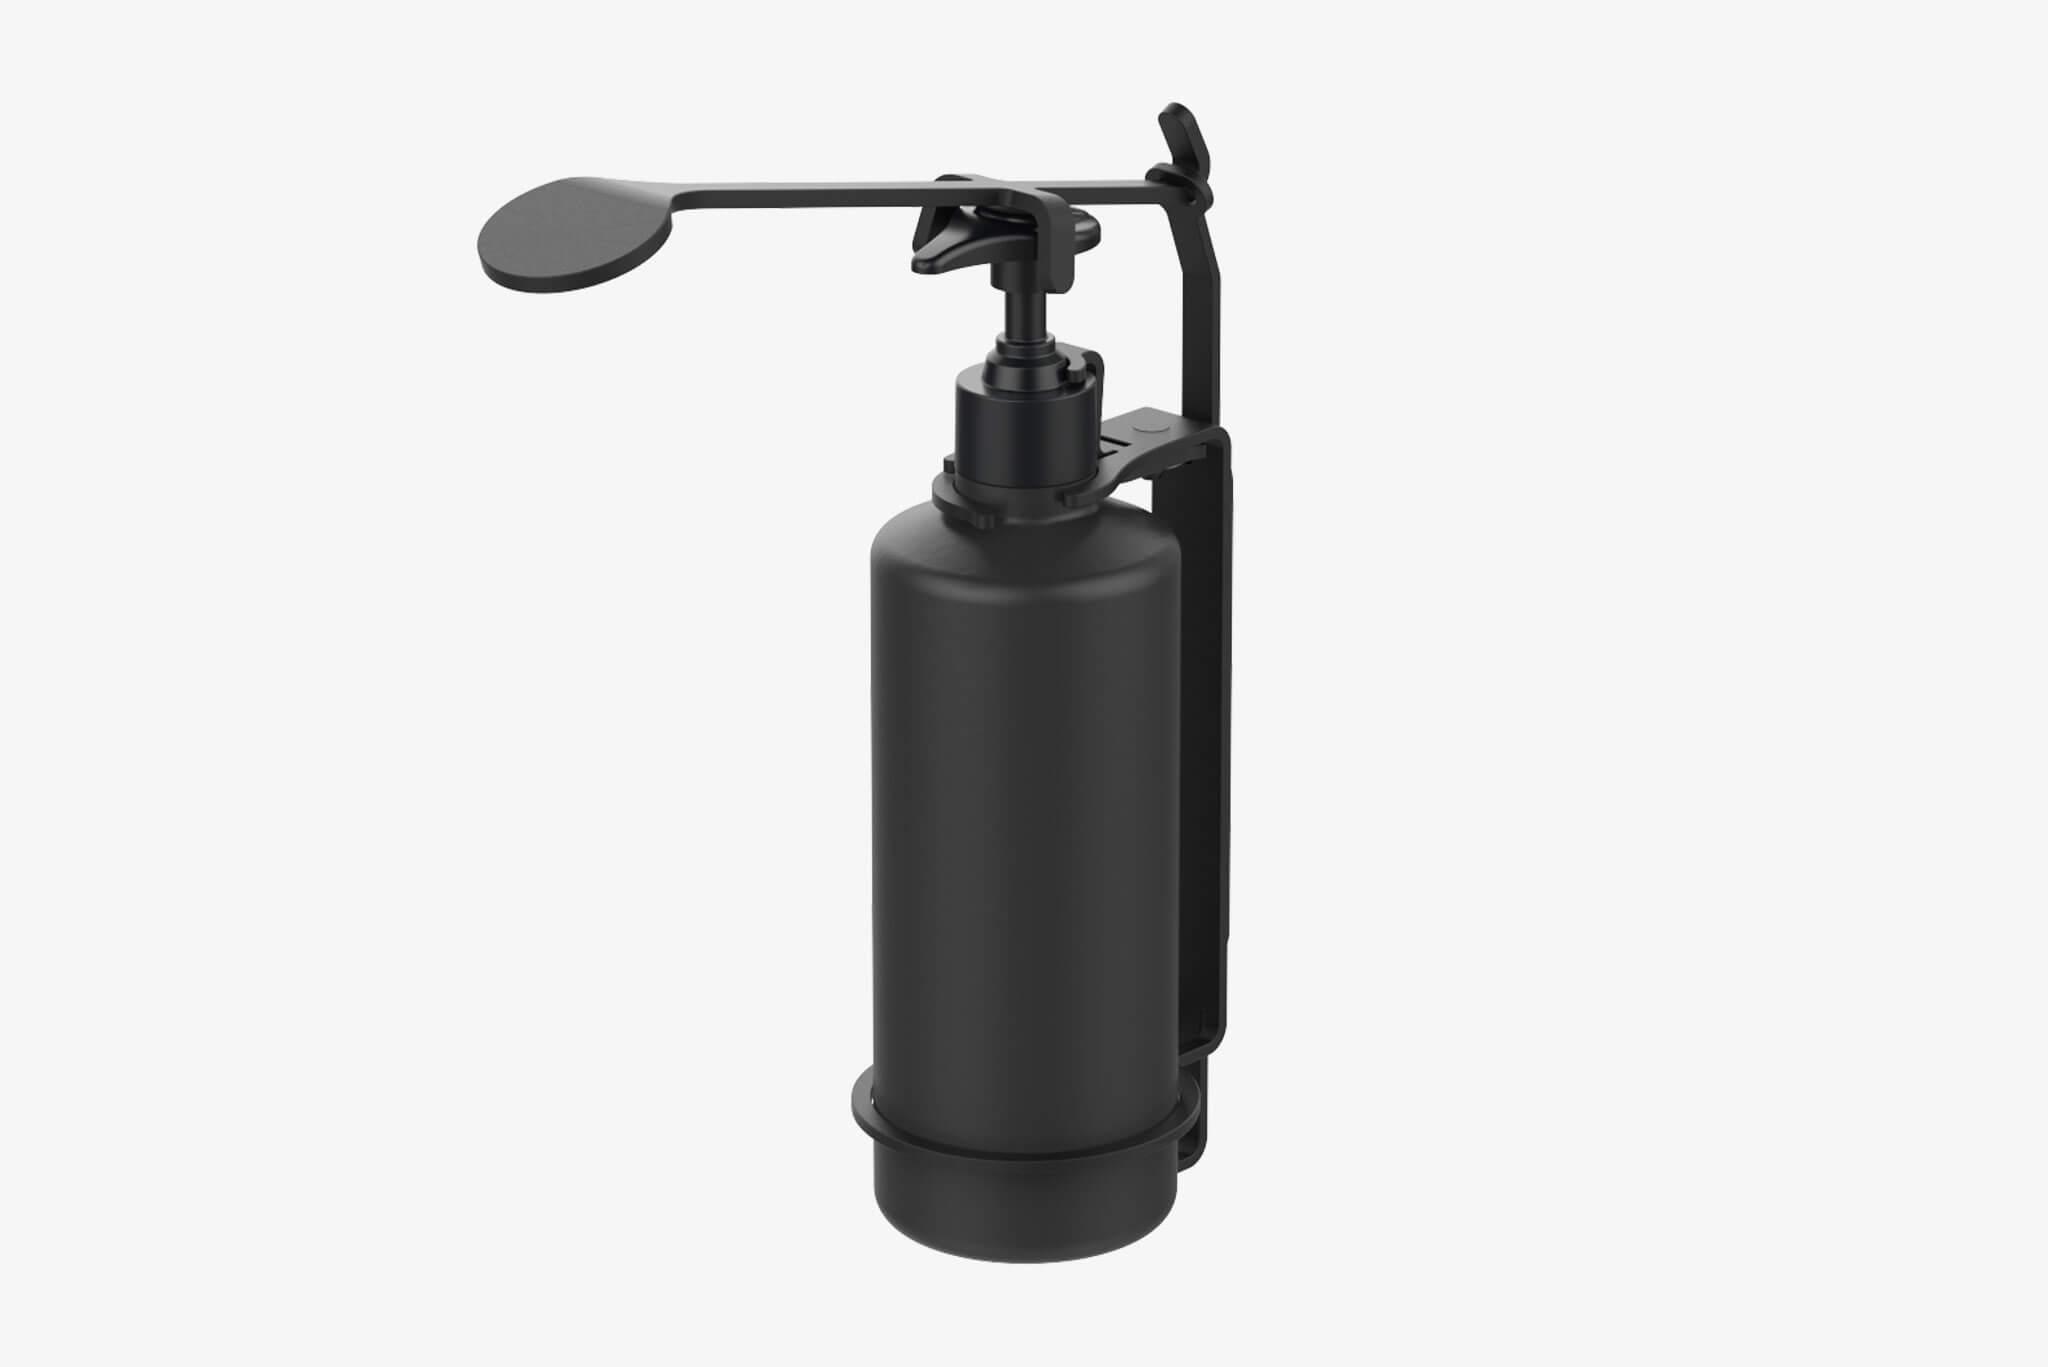 Bottle Holder Tamper Proof W/ Elbow Dispenser (ID.1800)